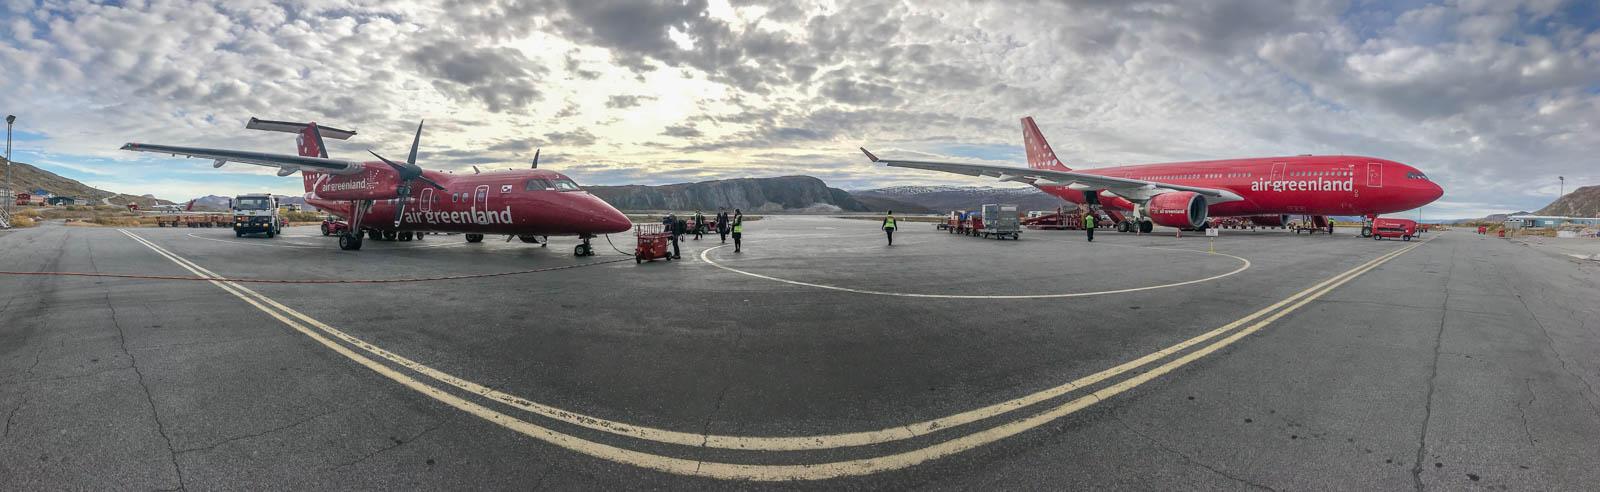 Flughafen Kangerlussuaq, Grönland, Air Greenland